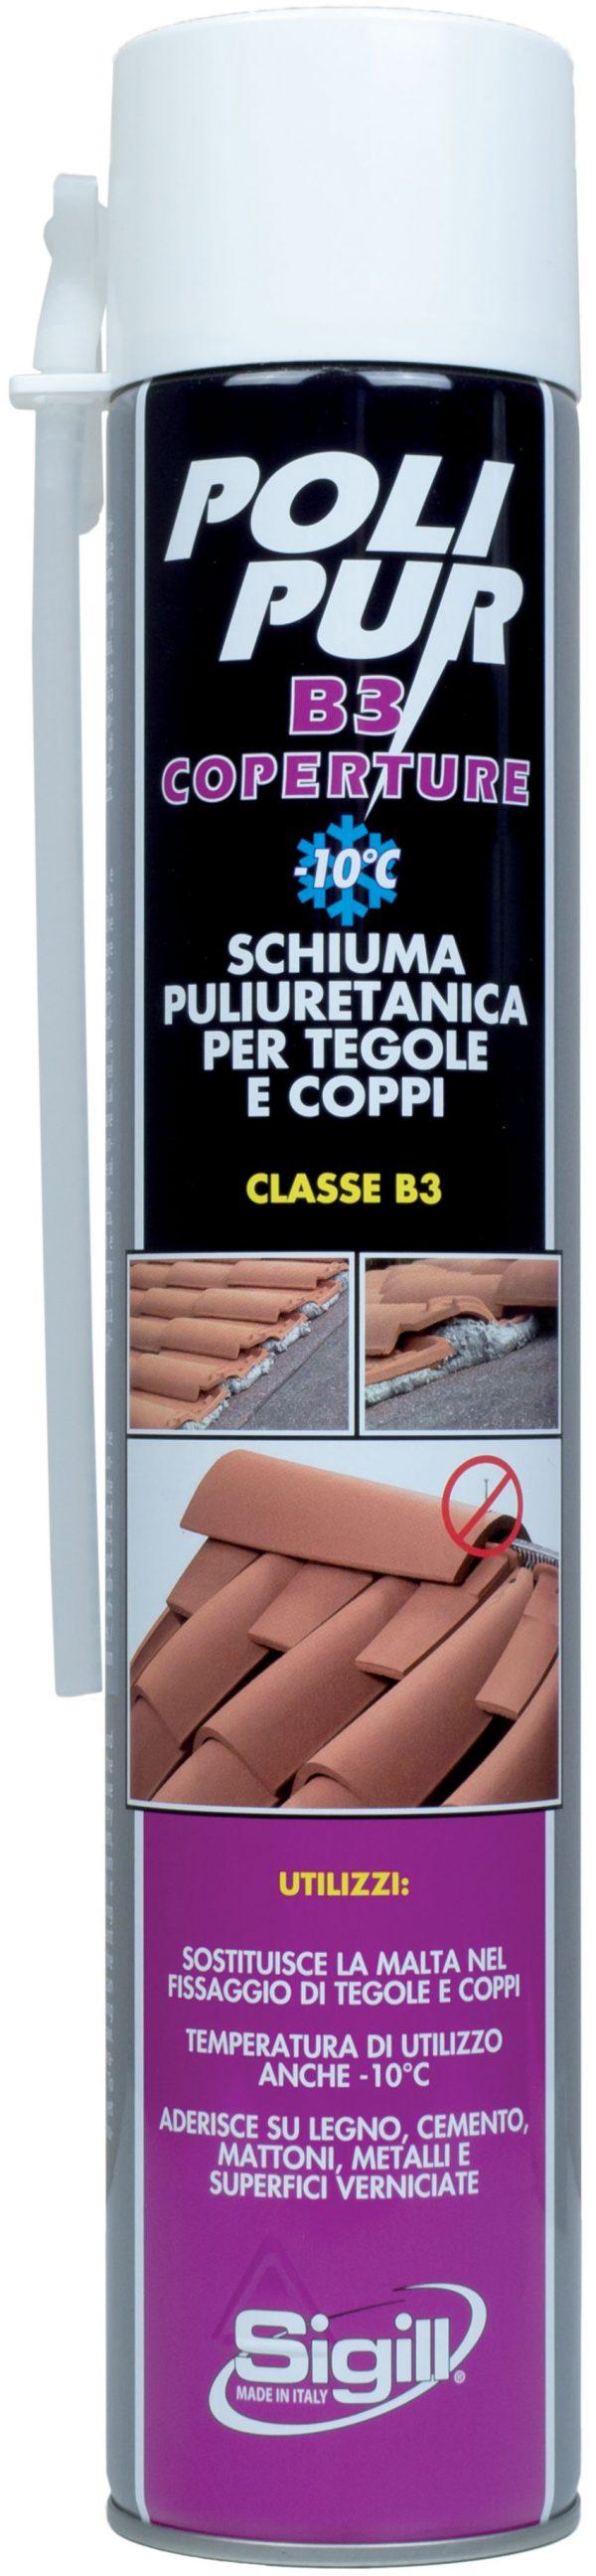 schiuma poliuretanica per tetti